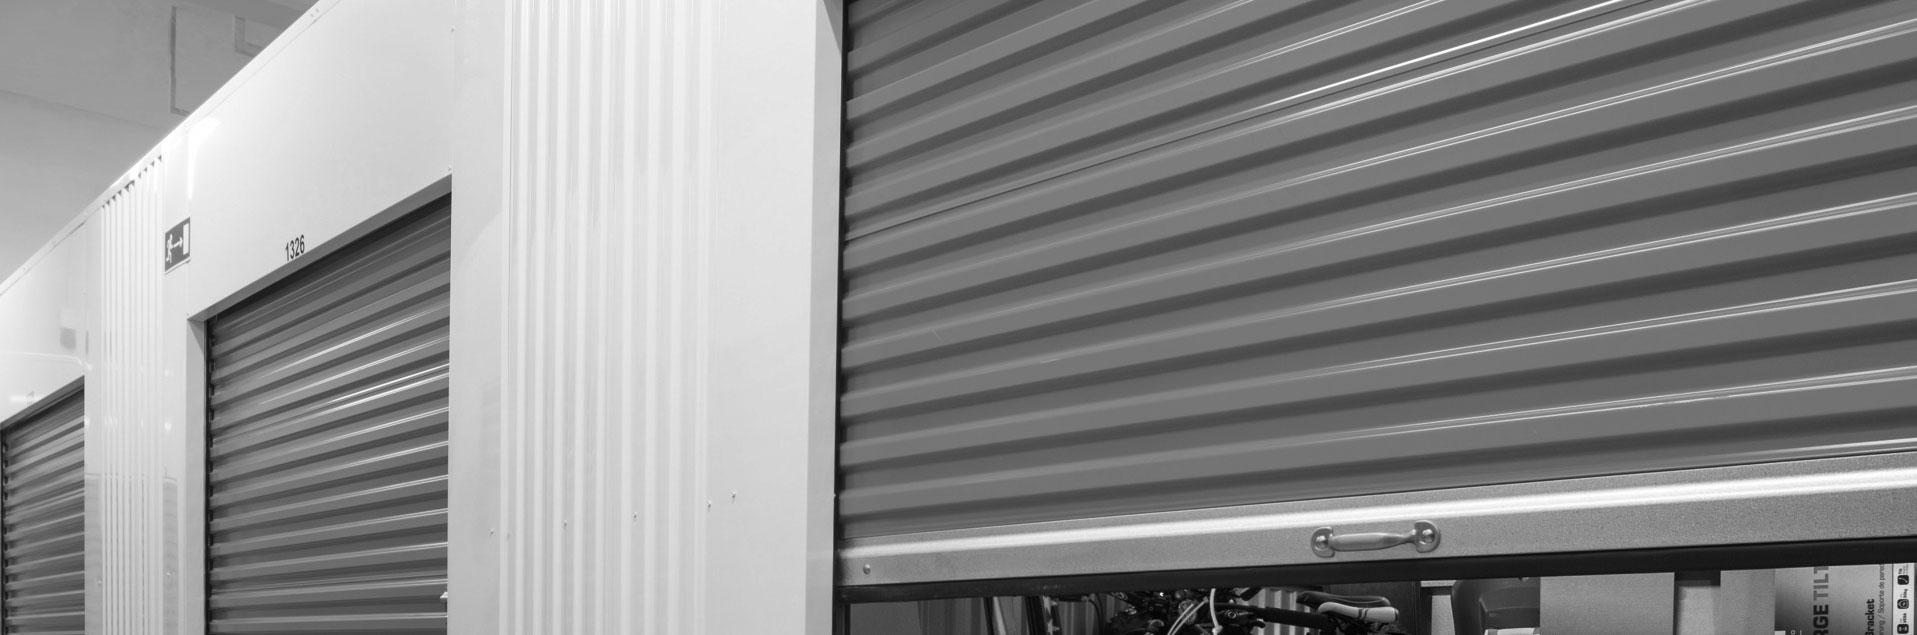 Opbevaring Ringsted Boxcare Tilbyder Self Storage I Egne Opbevaringsrum